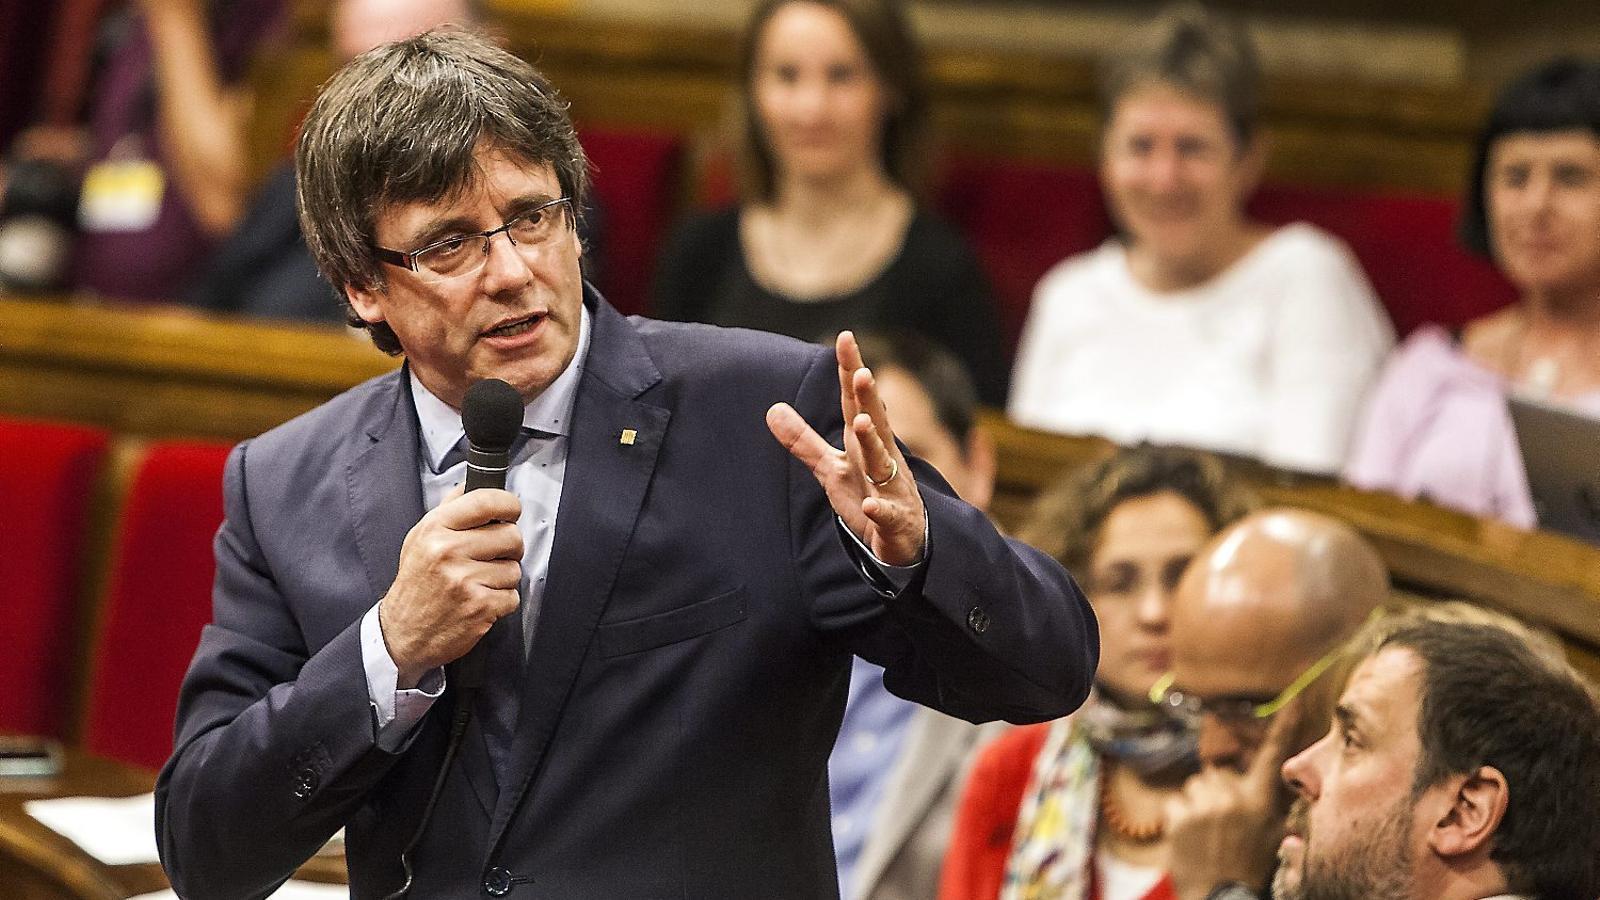 El president de la Generalitat, Carles Puigdemont, en un moment  de la sessió de control celebrada ahir al Parlament.